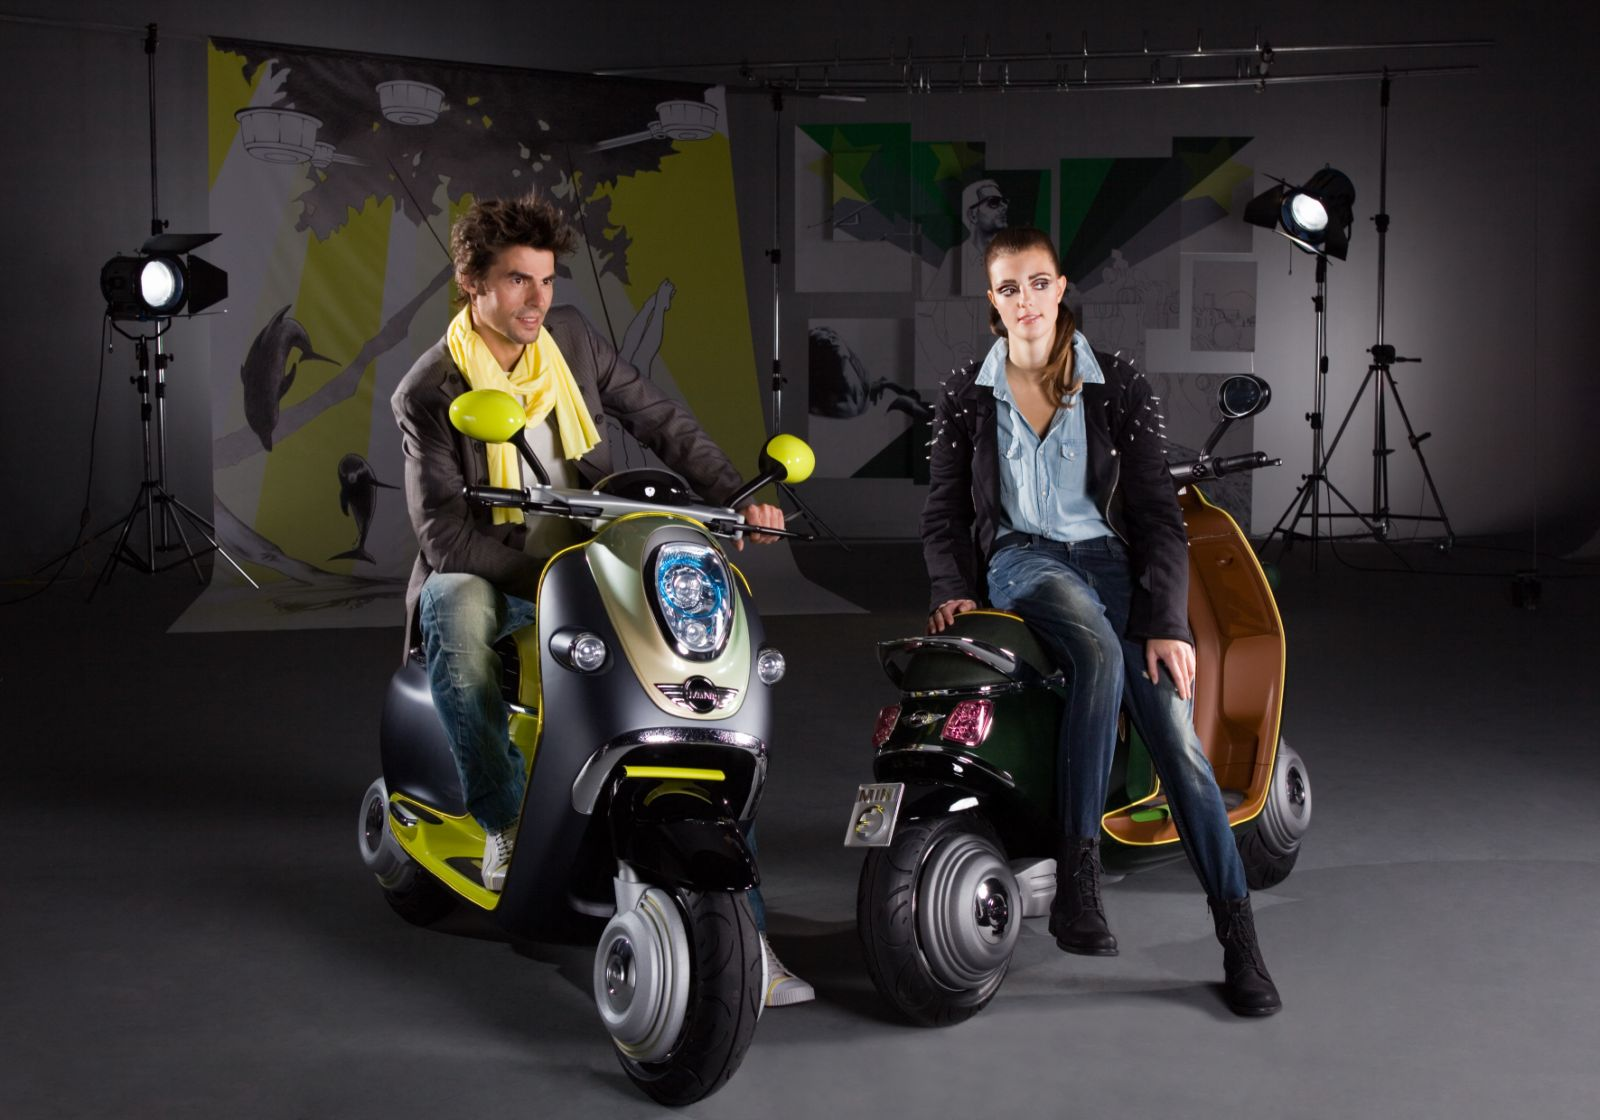 MINI E Scooter 211